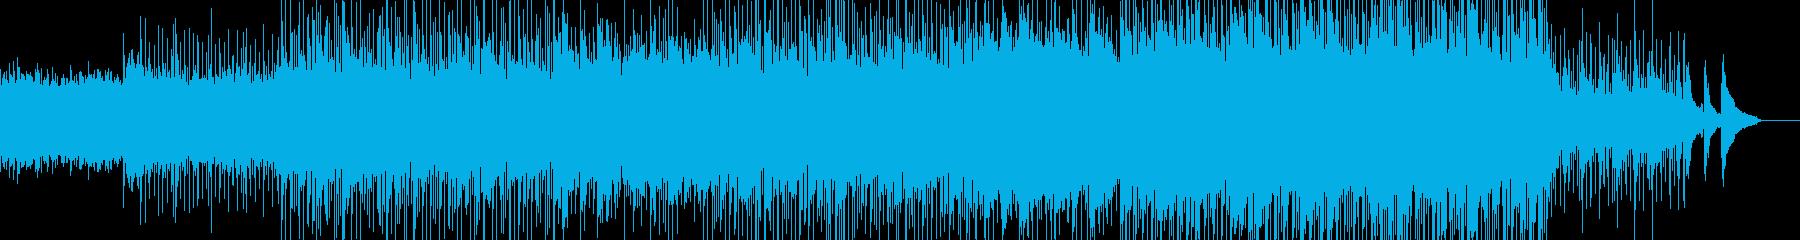 小さく可愛く、輝いて頑張っている曲の再生済みの波形